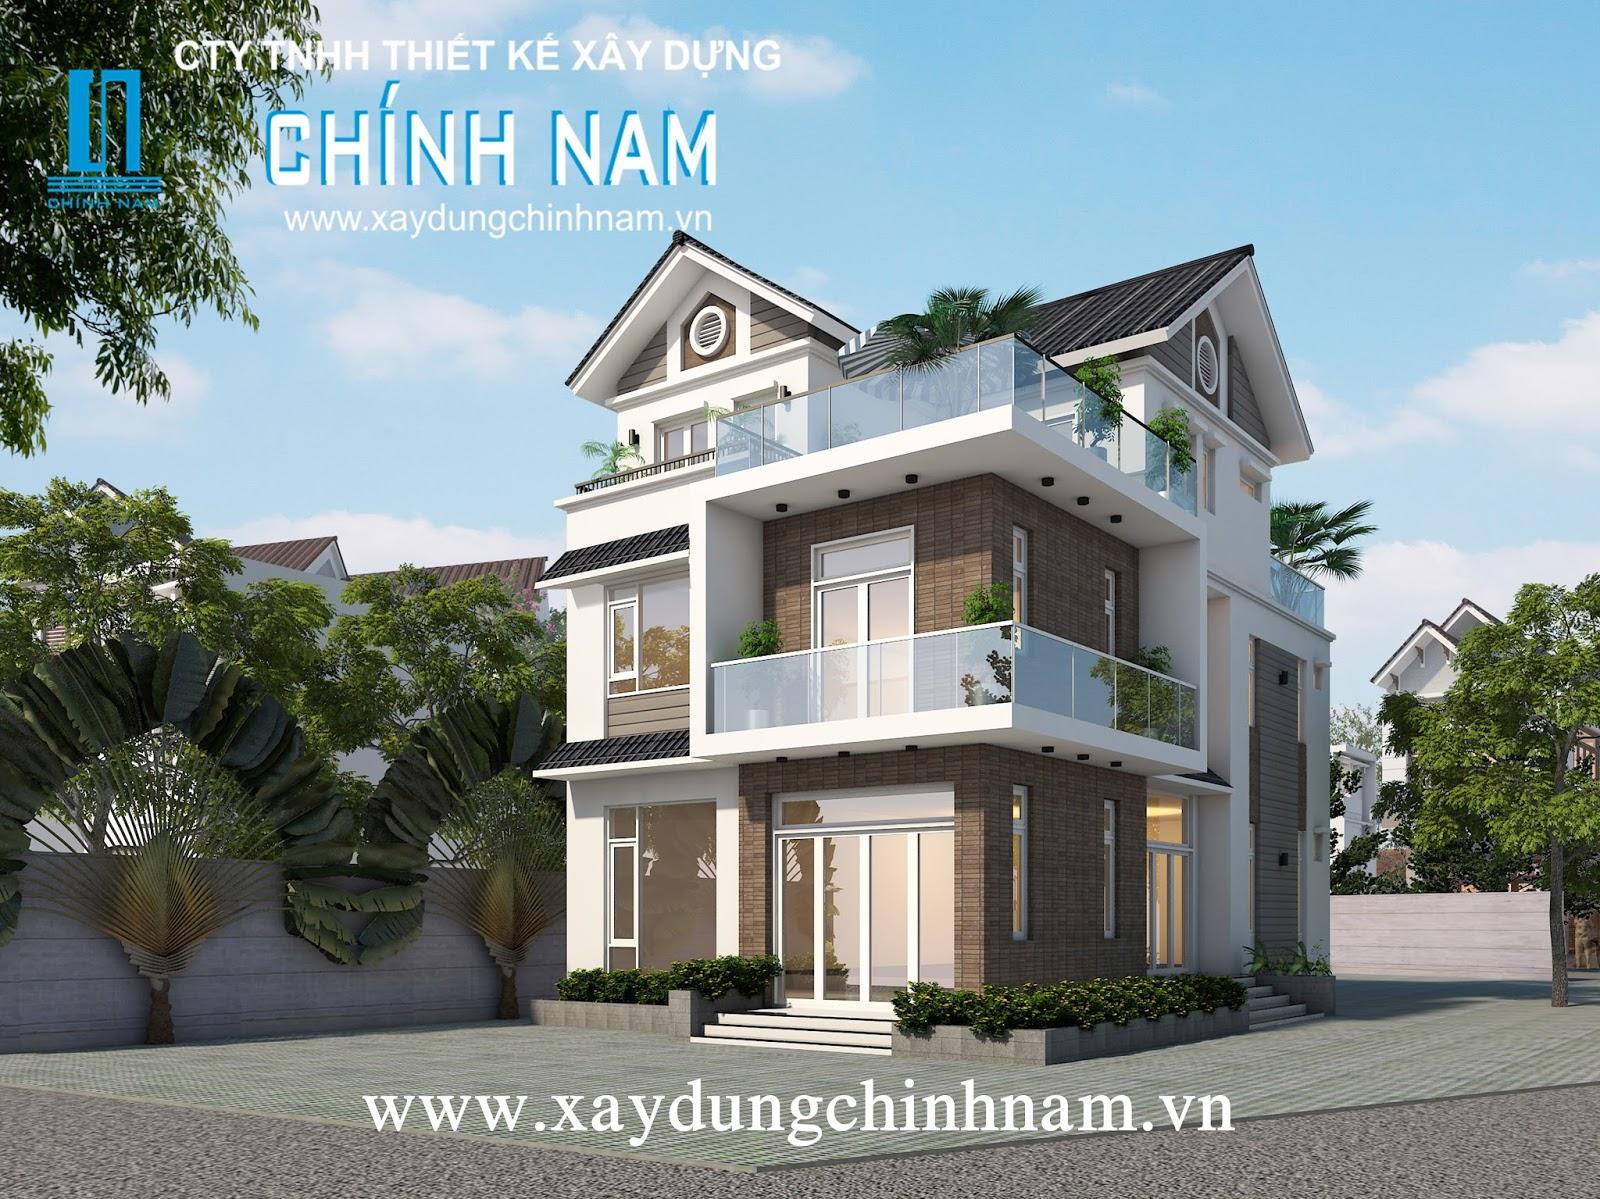 Thiết kế chú Viện ở Tân Phong, Biên Hòa, Đồng Nai